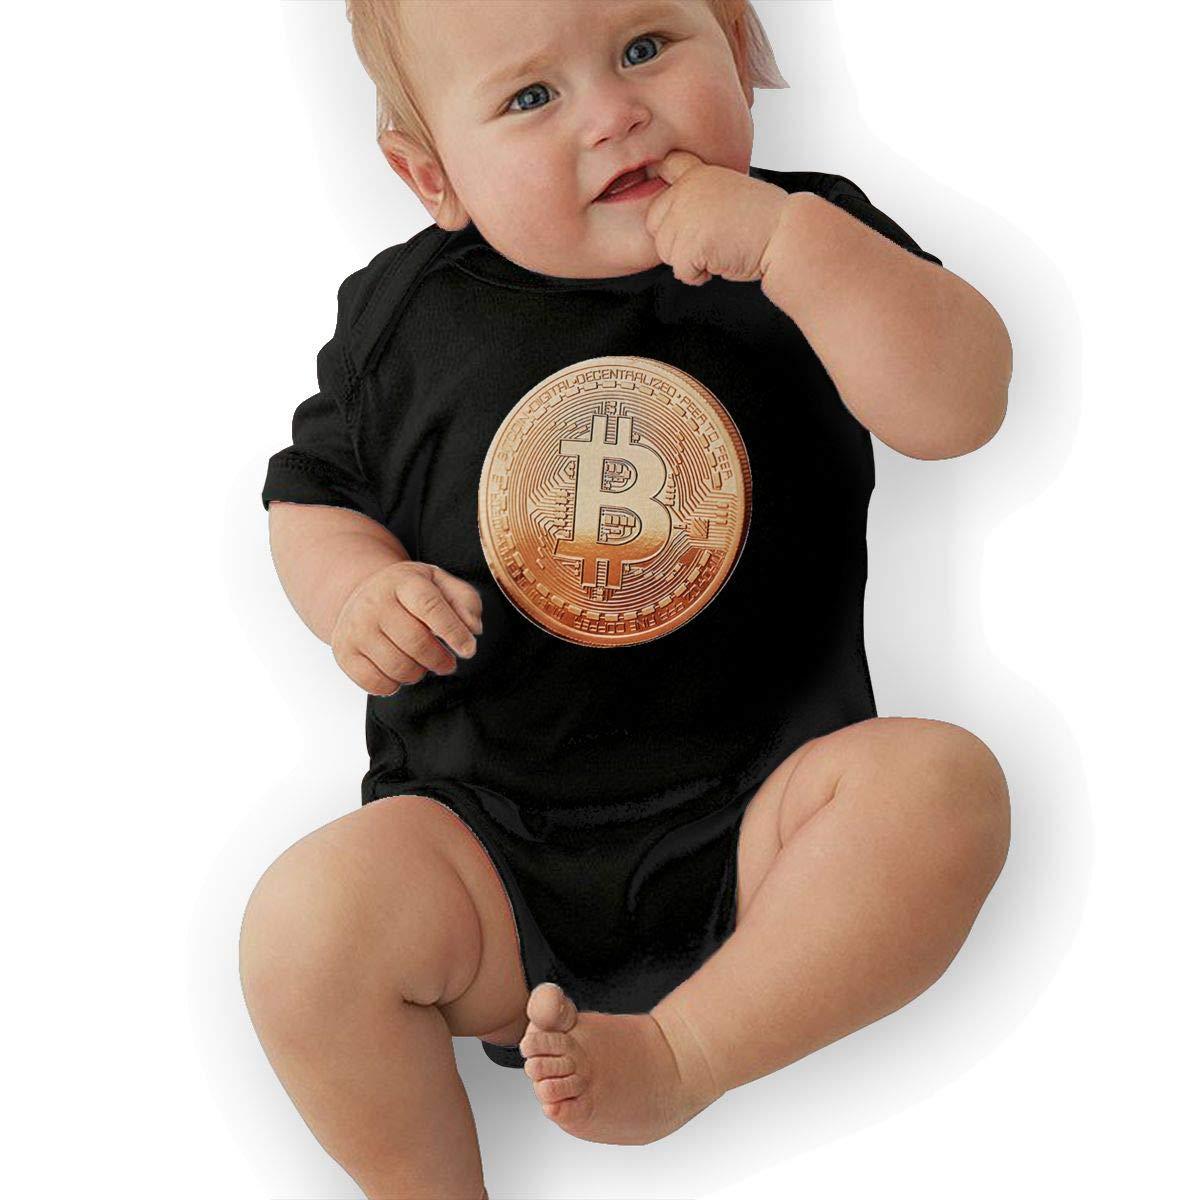 windekie Bitcoin Pattern Baby Onesies Toddler Baby Girl//Boy Unisex Clothes Romper Jumpsuit Bodysuit One Piece